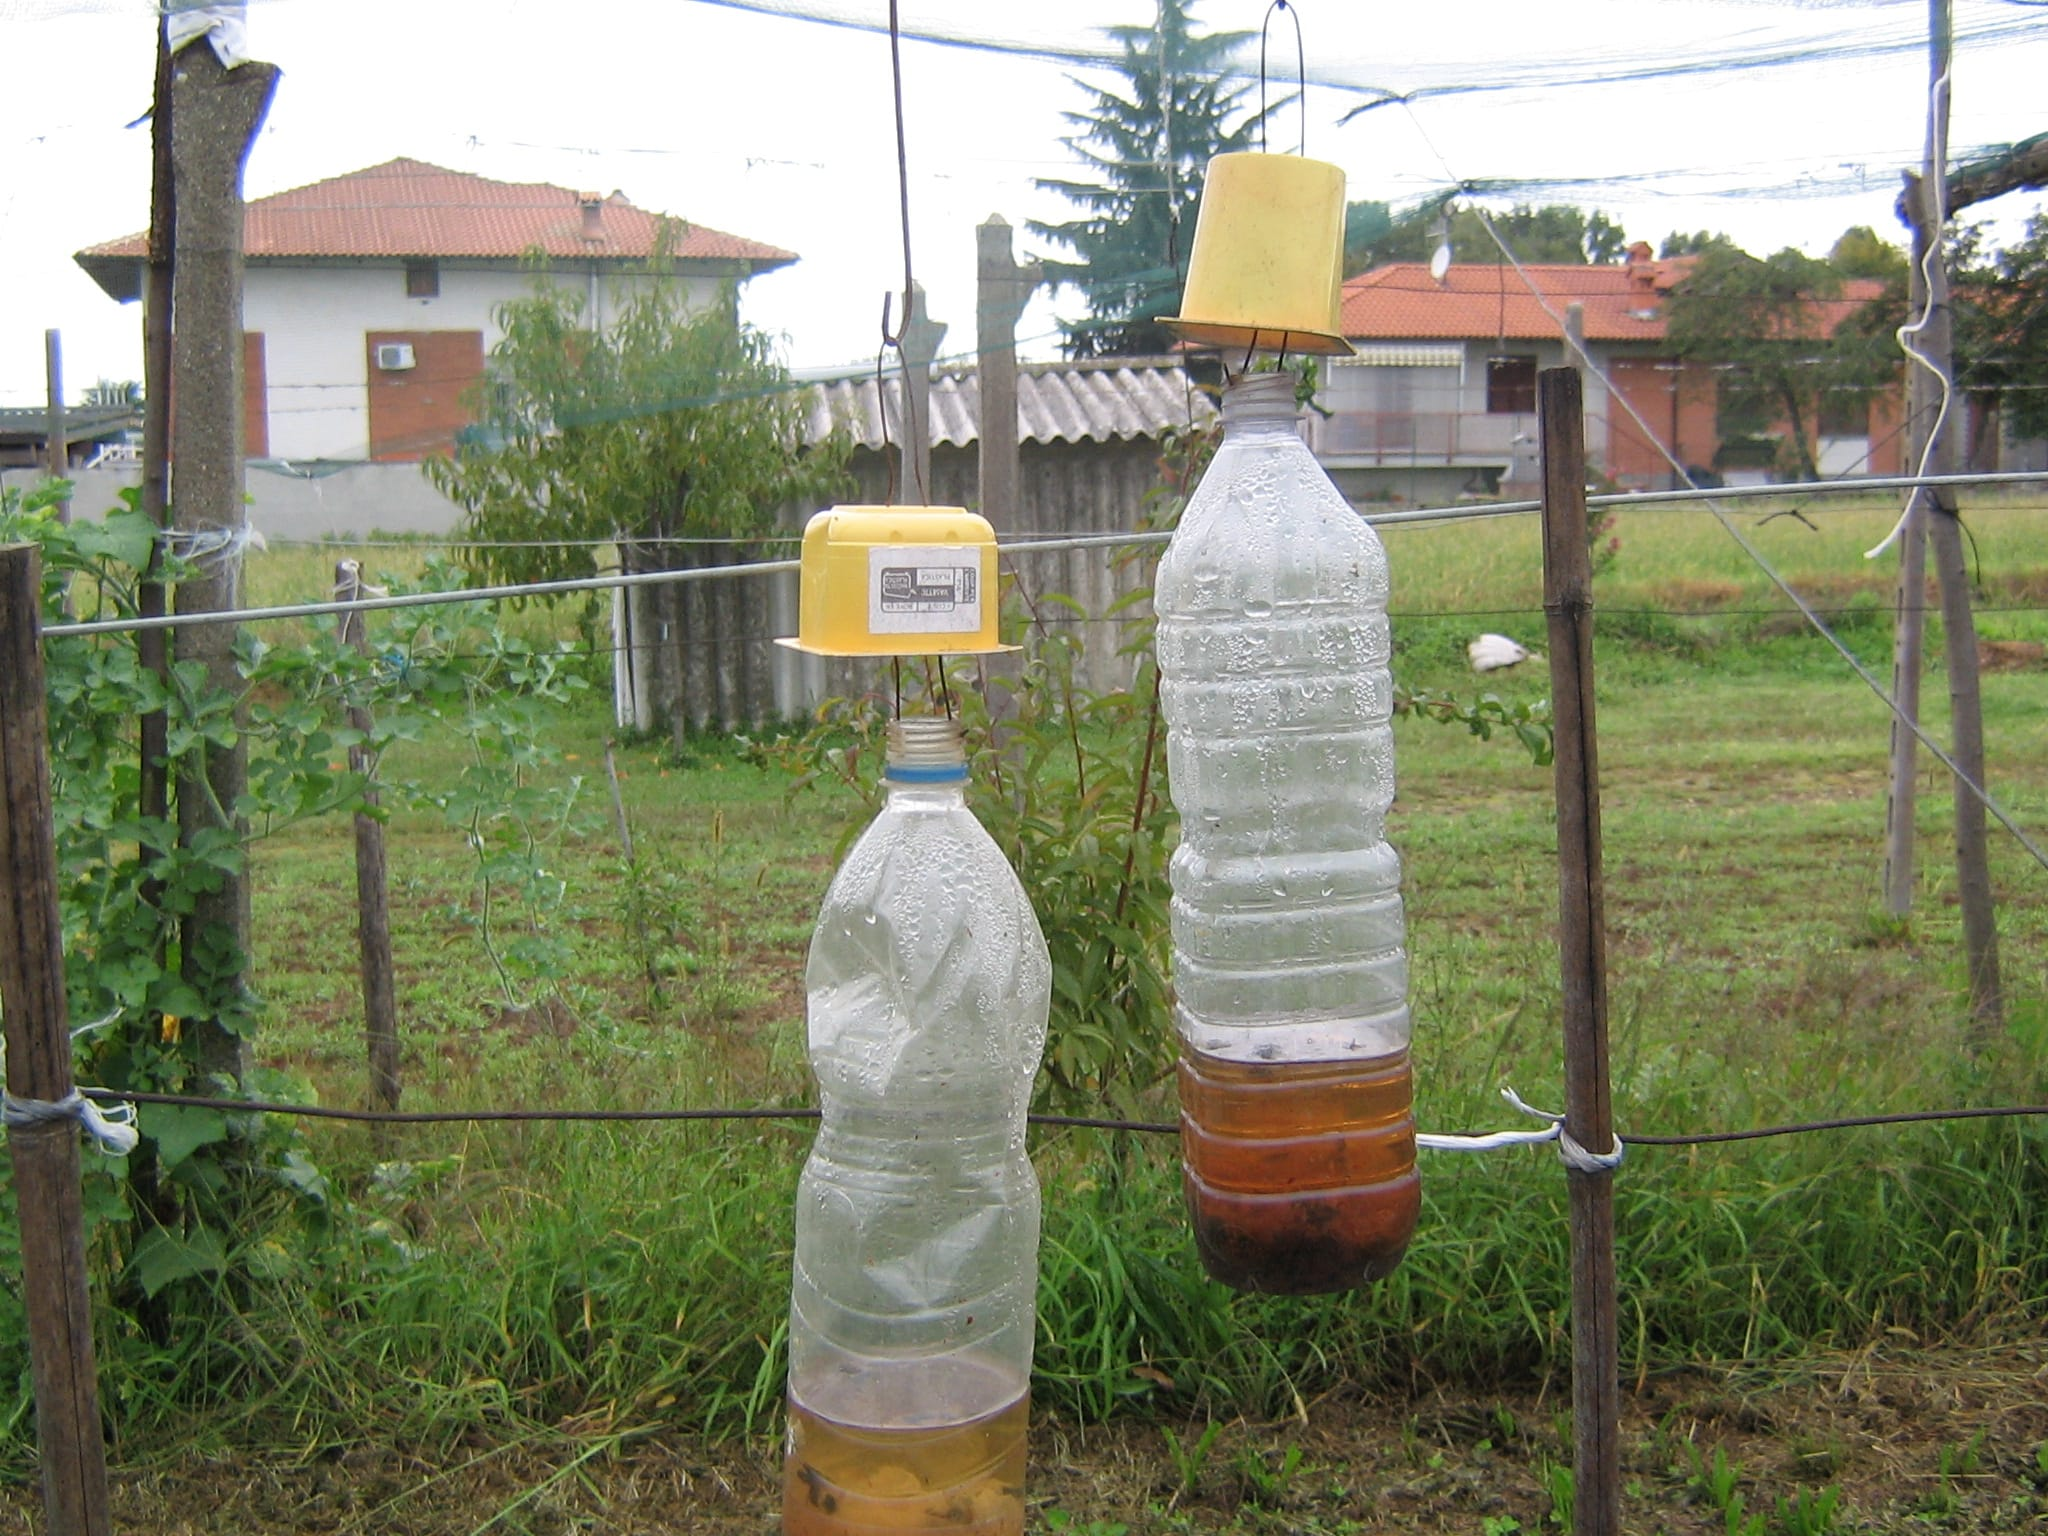 Trappola per insetti con bottiglia: come realizzarla in casa